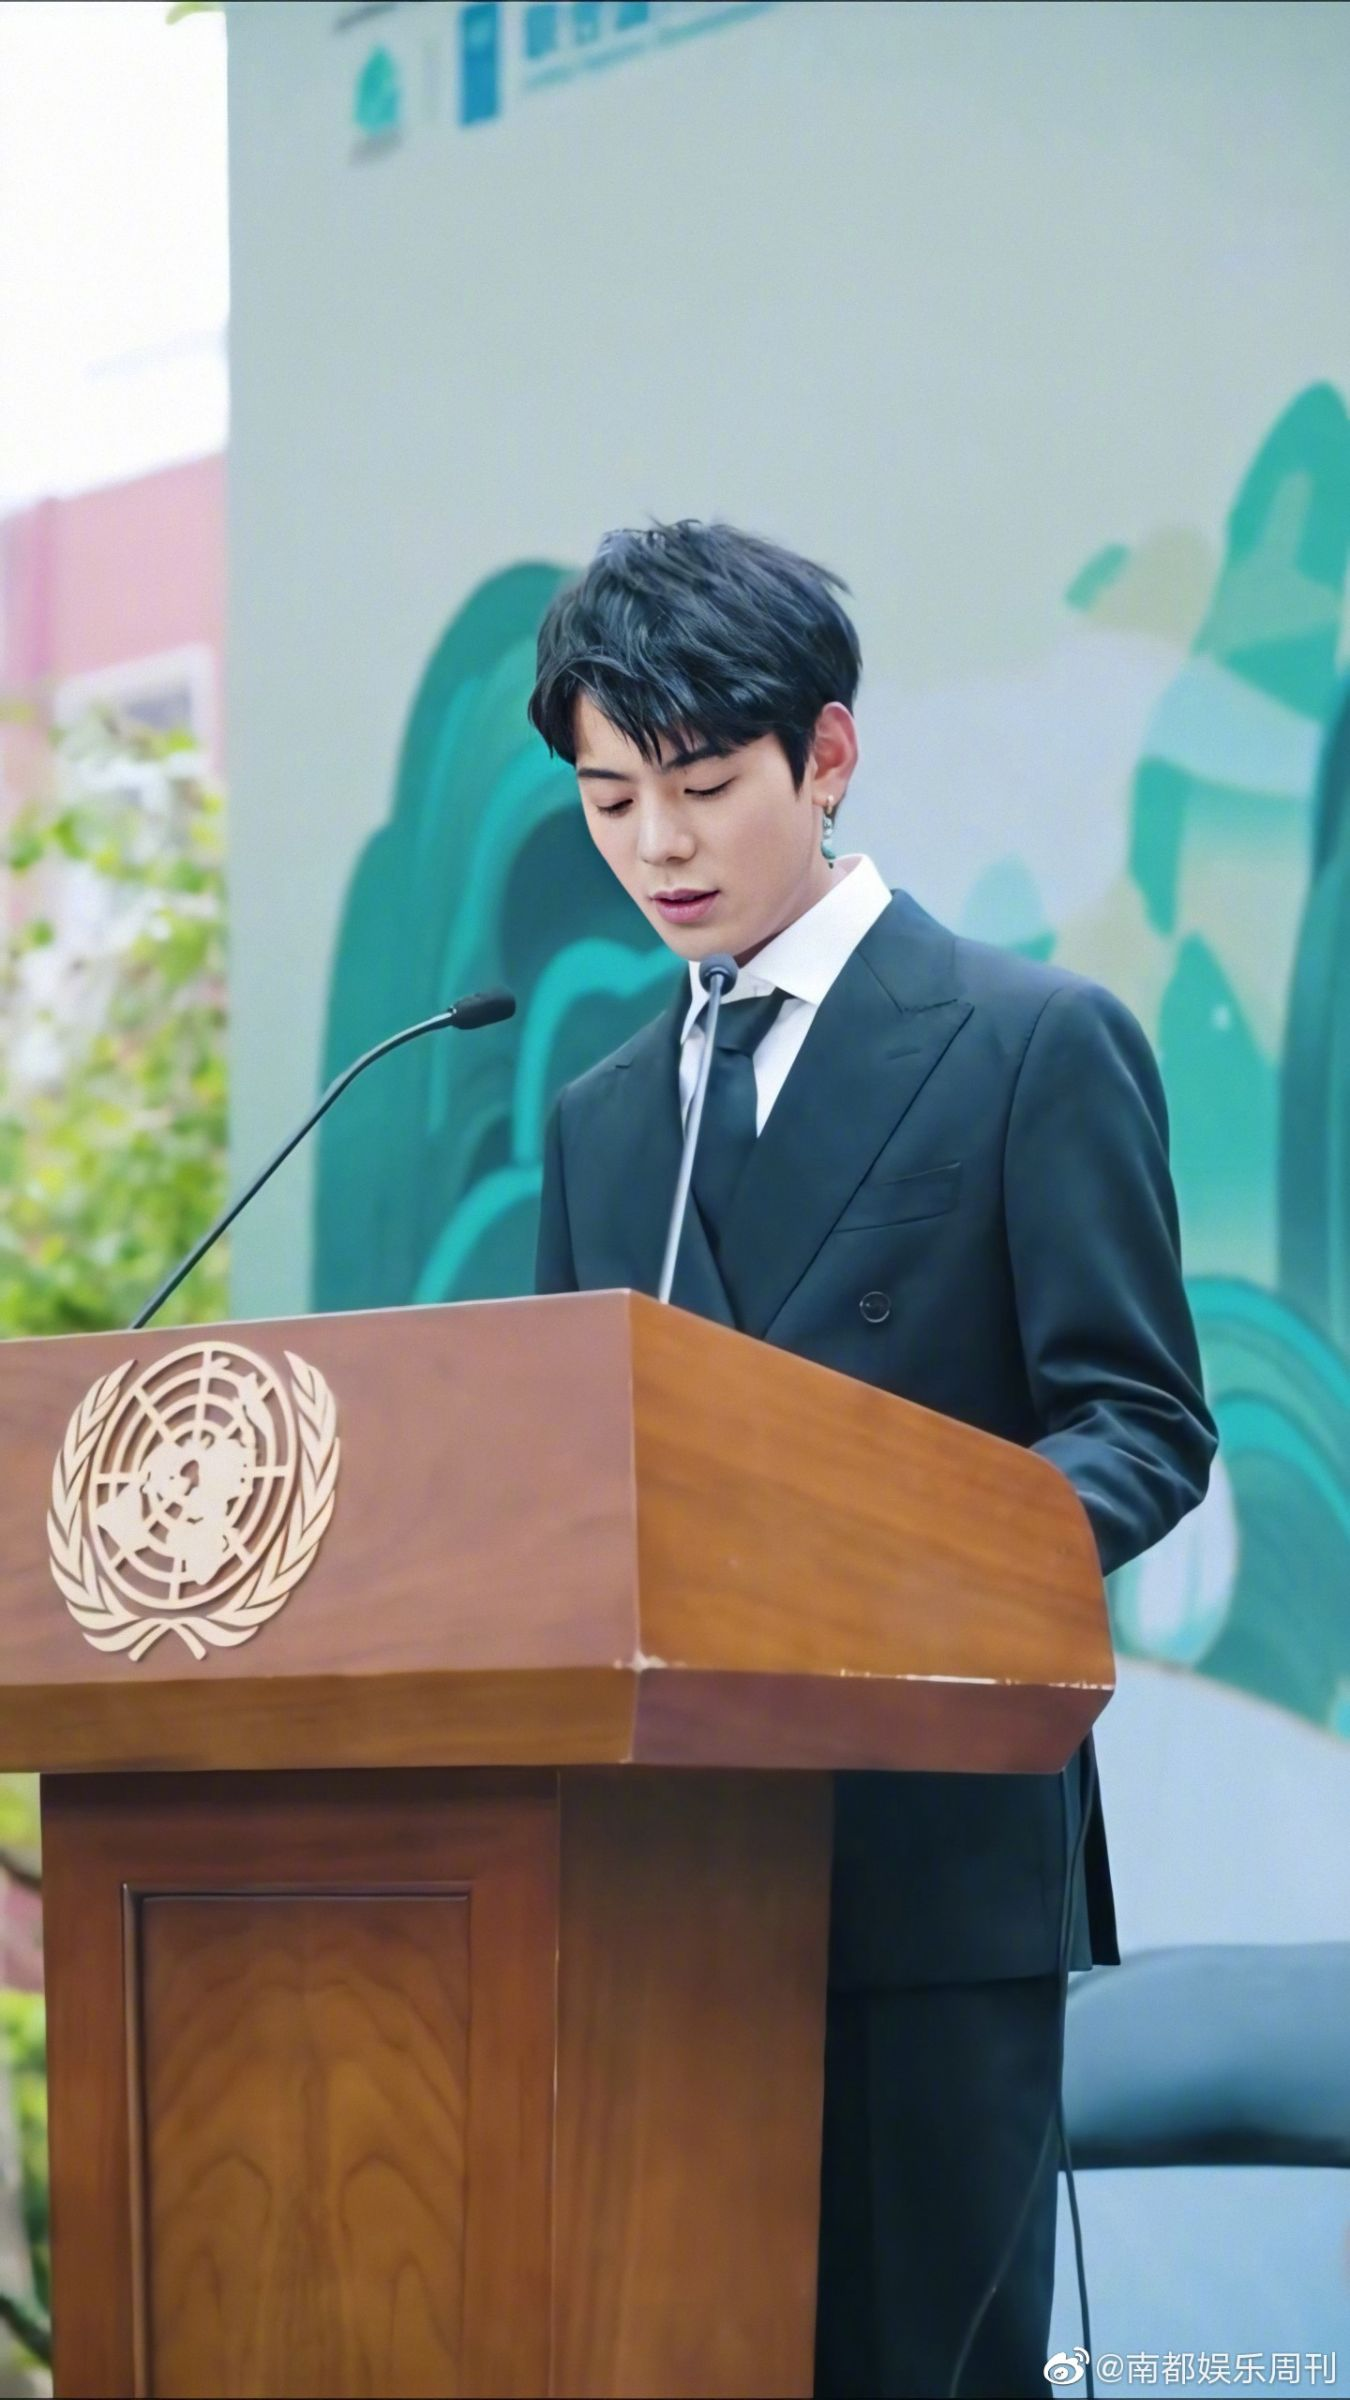 20年没读书!丁真出席联合国「英文演讲」 网看傻:更帅了